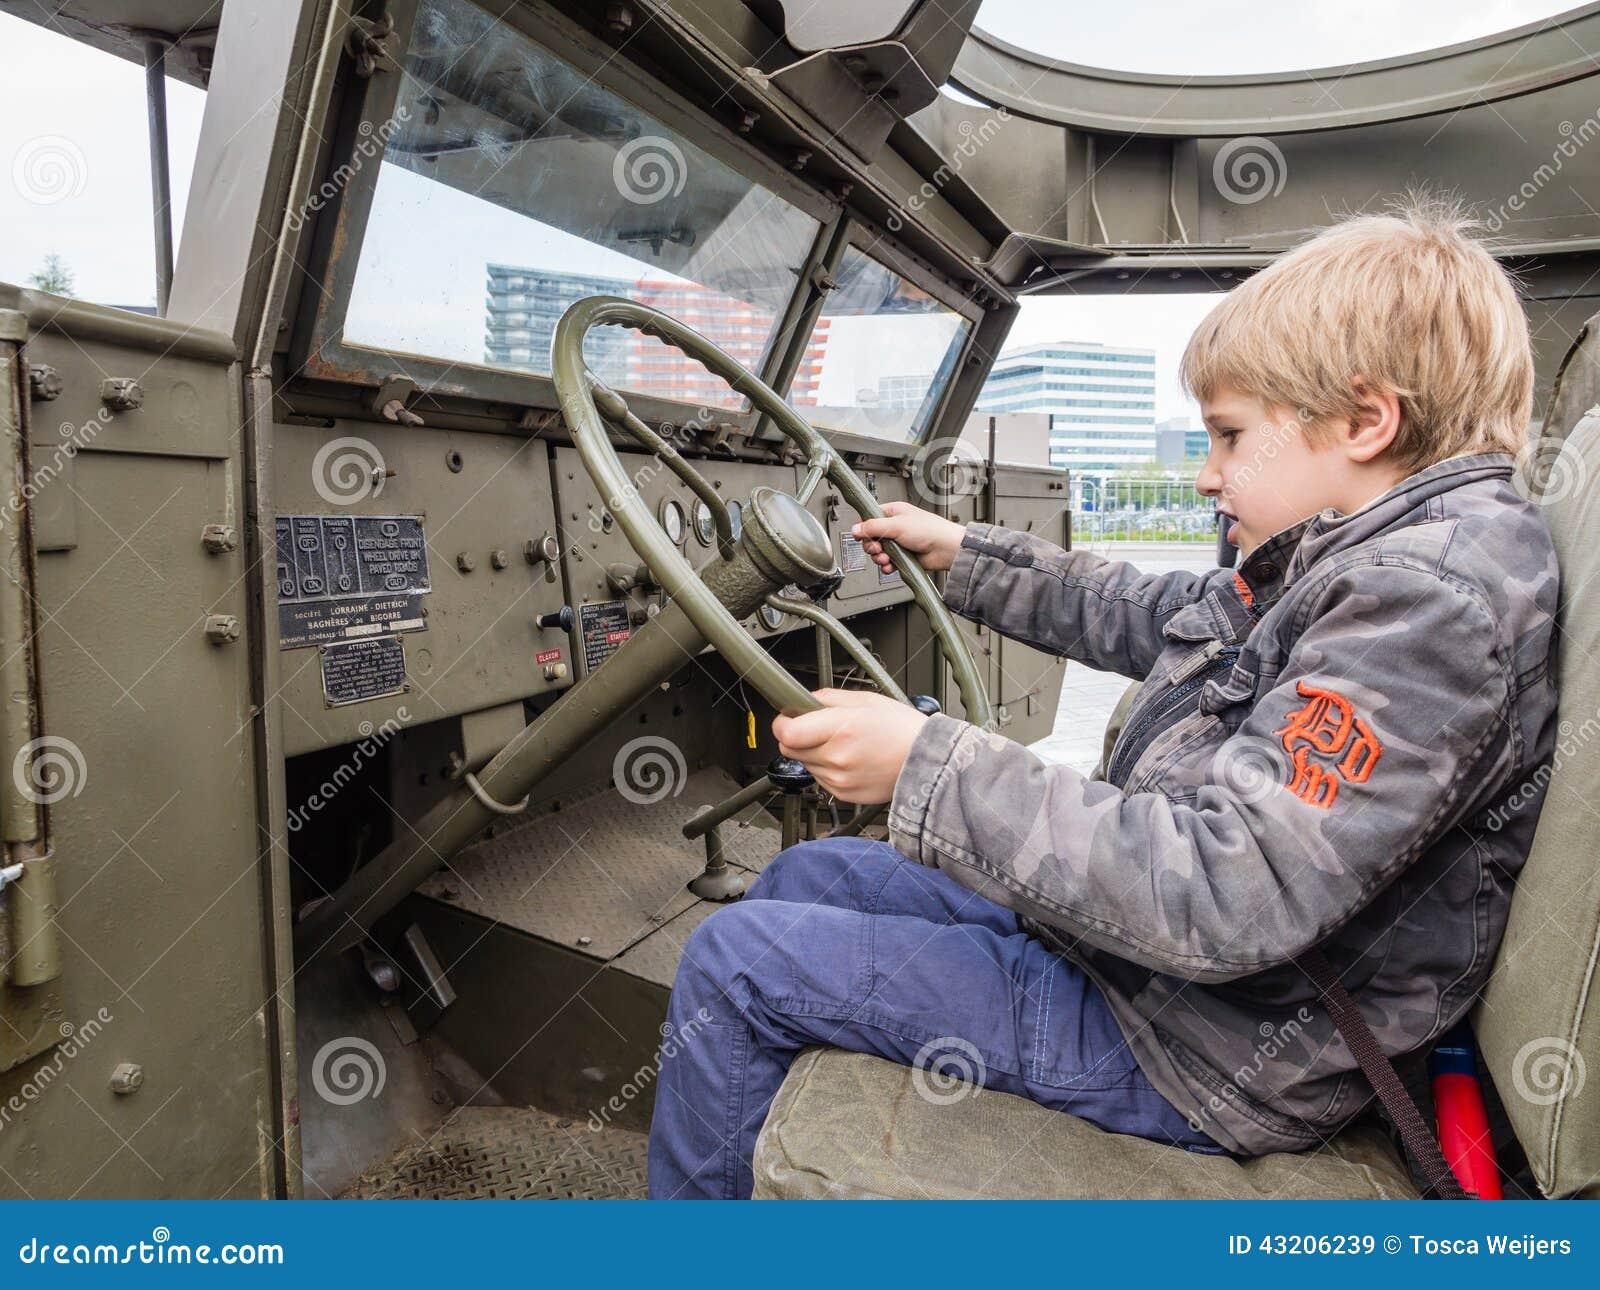 Download Unge På Hjulet Av En Militärfordon Redaktionell Fotografering för Bildbyråer - Bild av kamouflage, kriga: 43206239